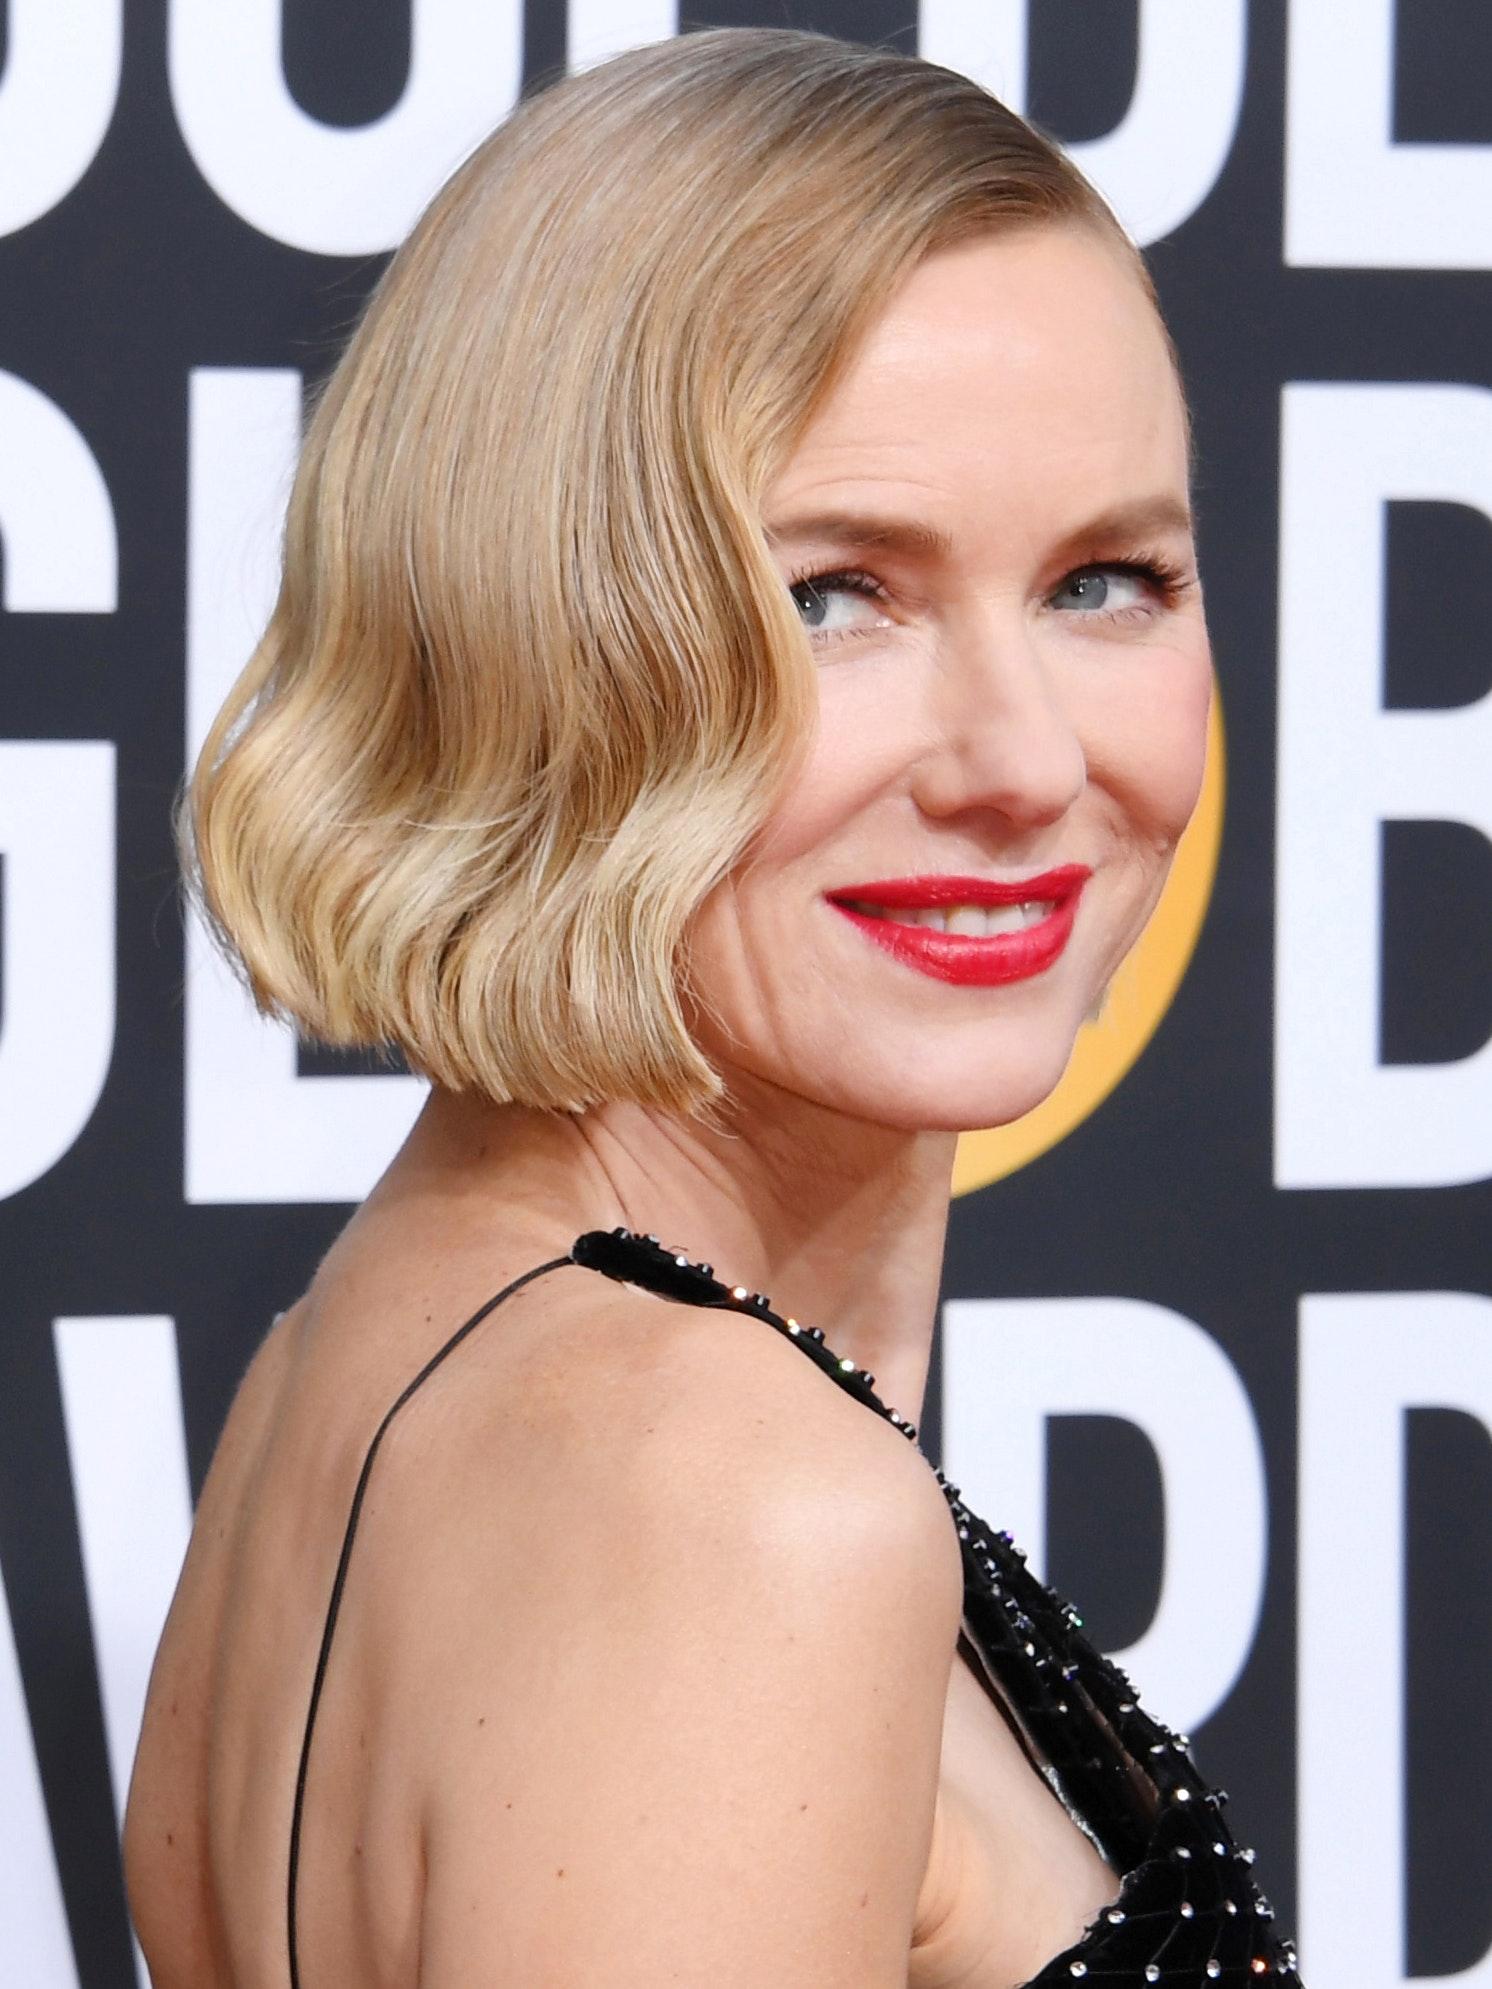 Naomi Watts Golden Globe hair and makeup